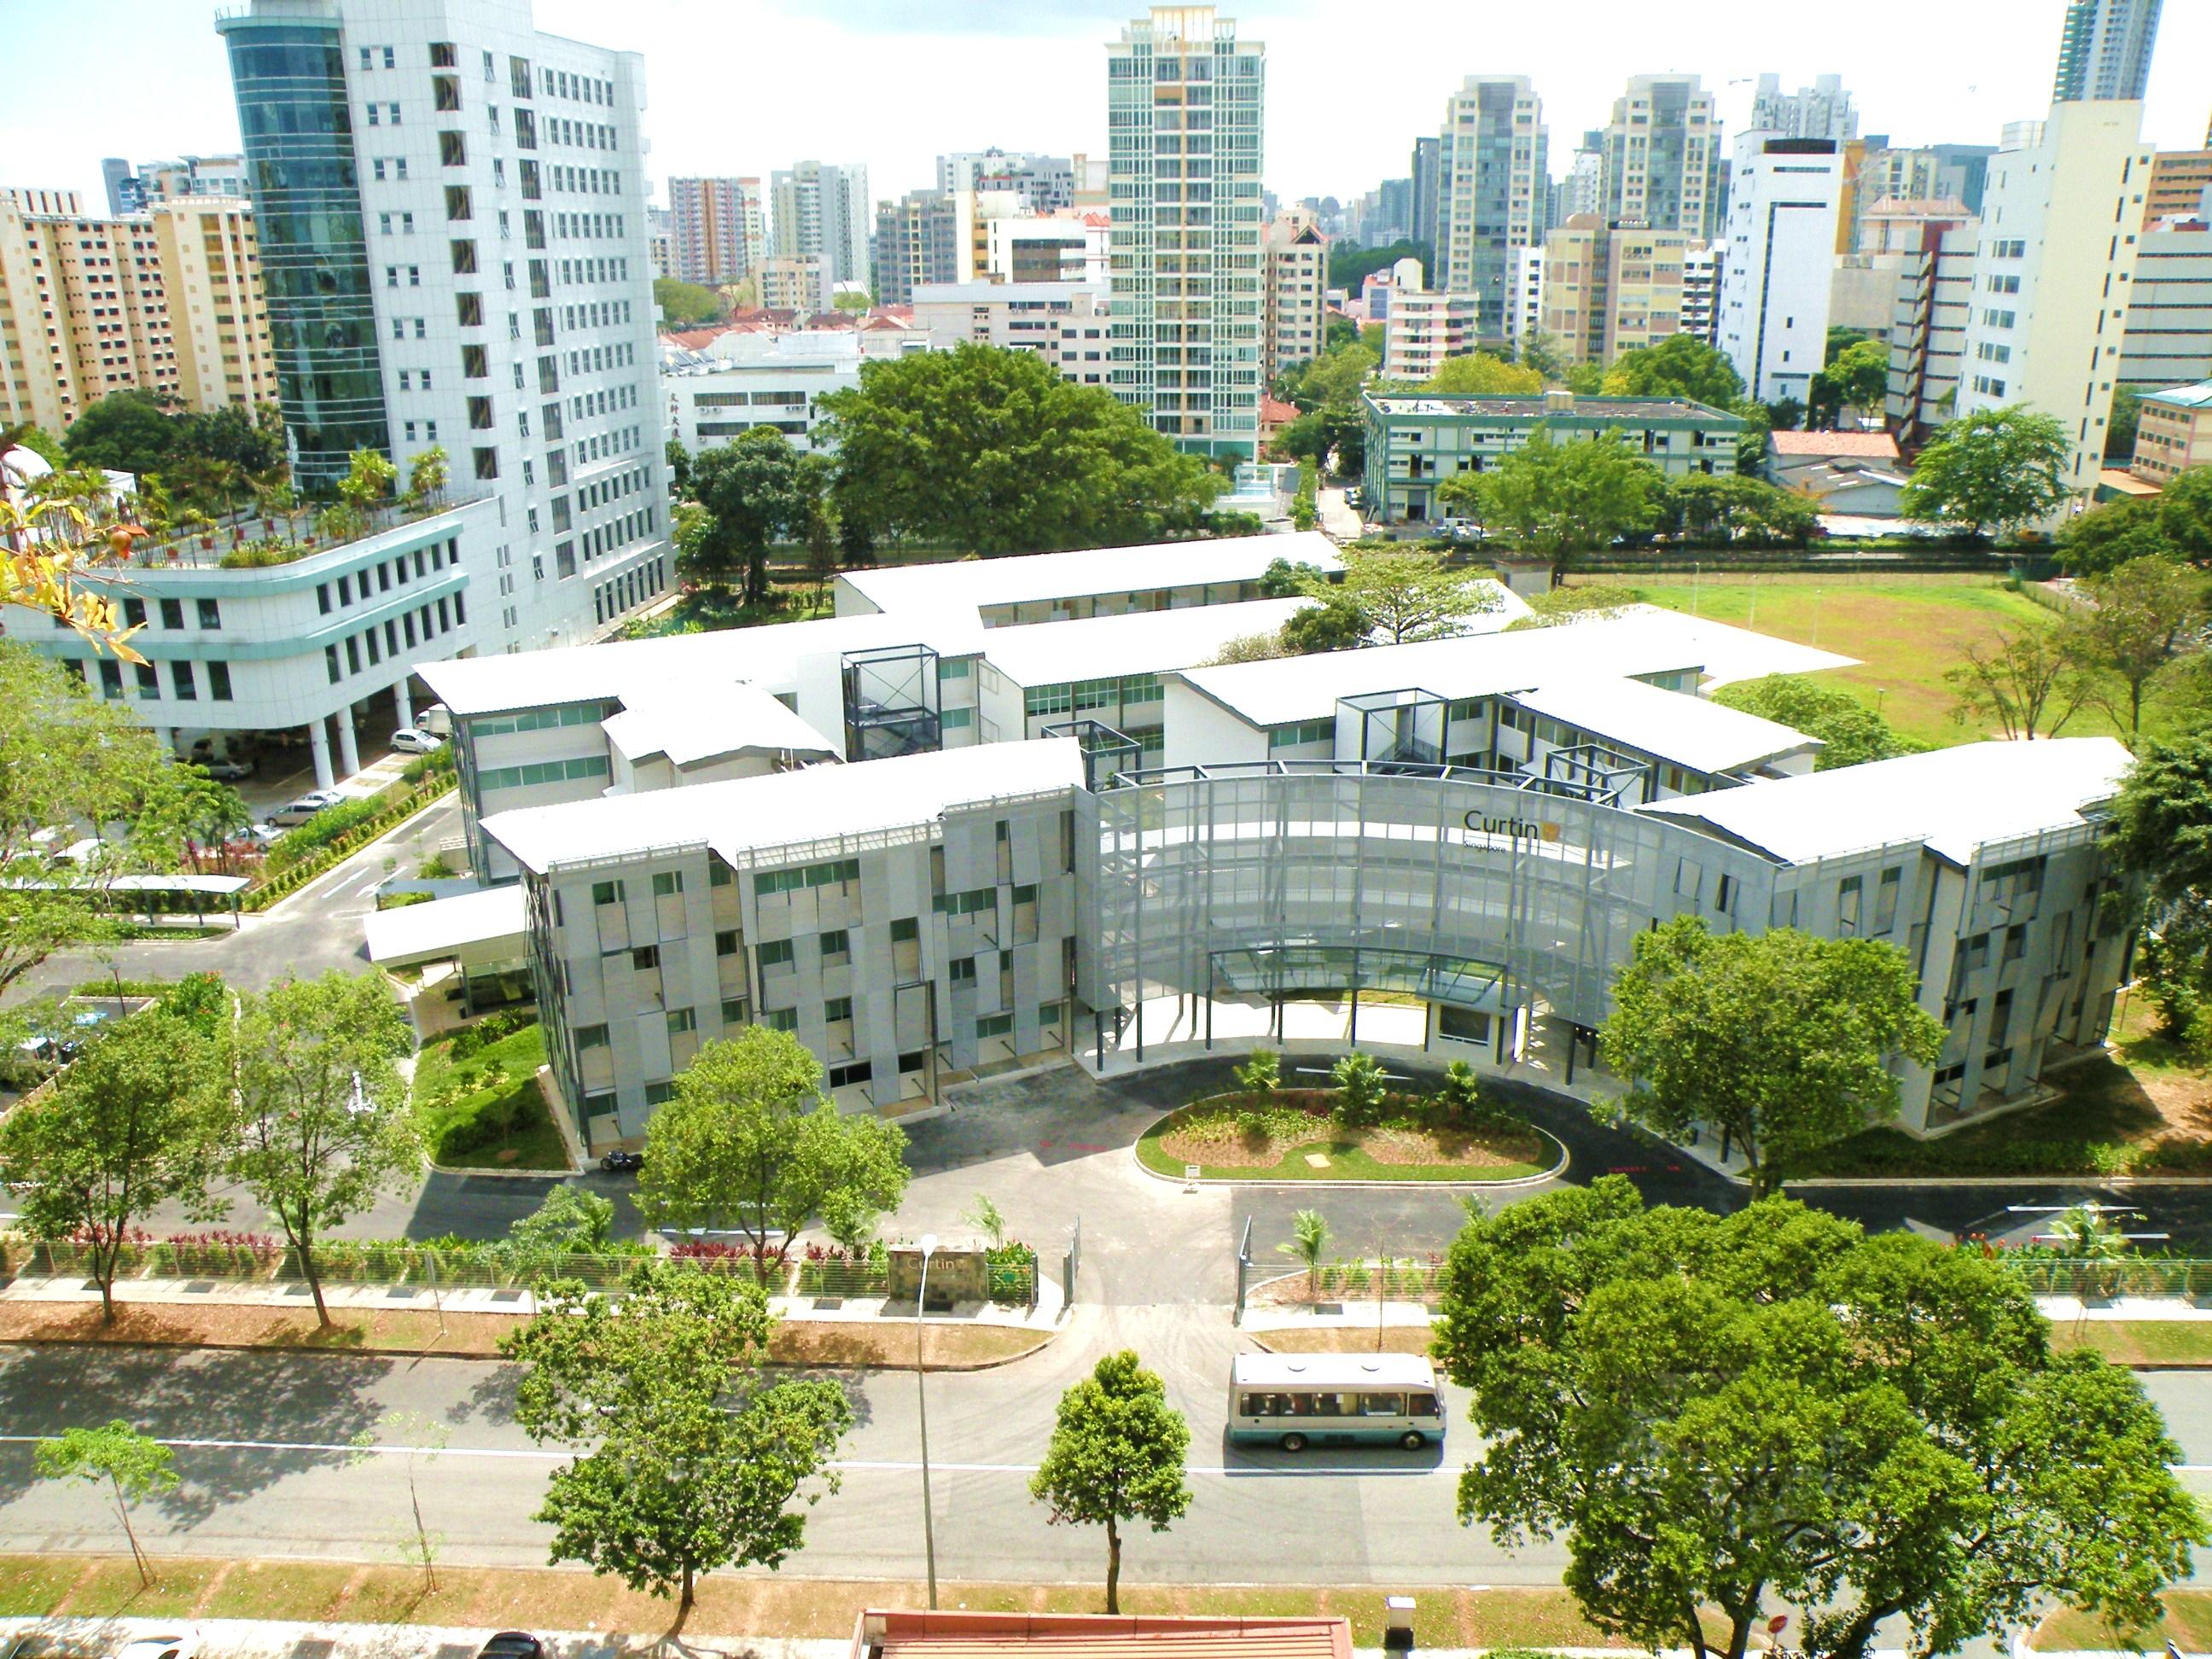 Khuôn viên Đại học Curtin Singapore